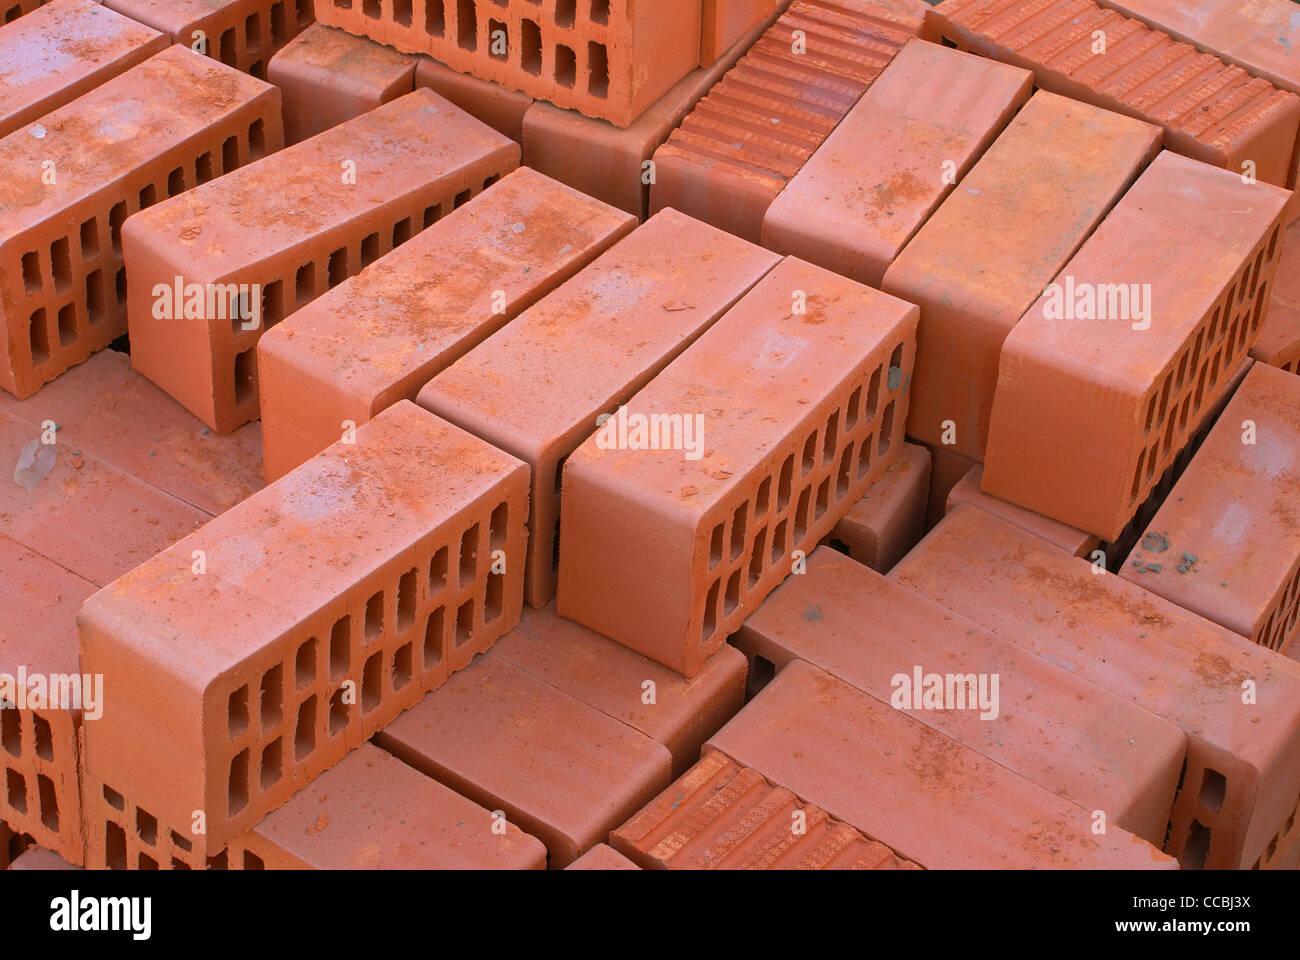 Silicato de ladrillos rojos con aberturas en la construcción. Imagen De Stock